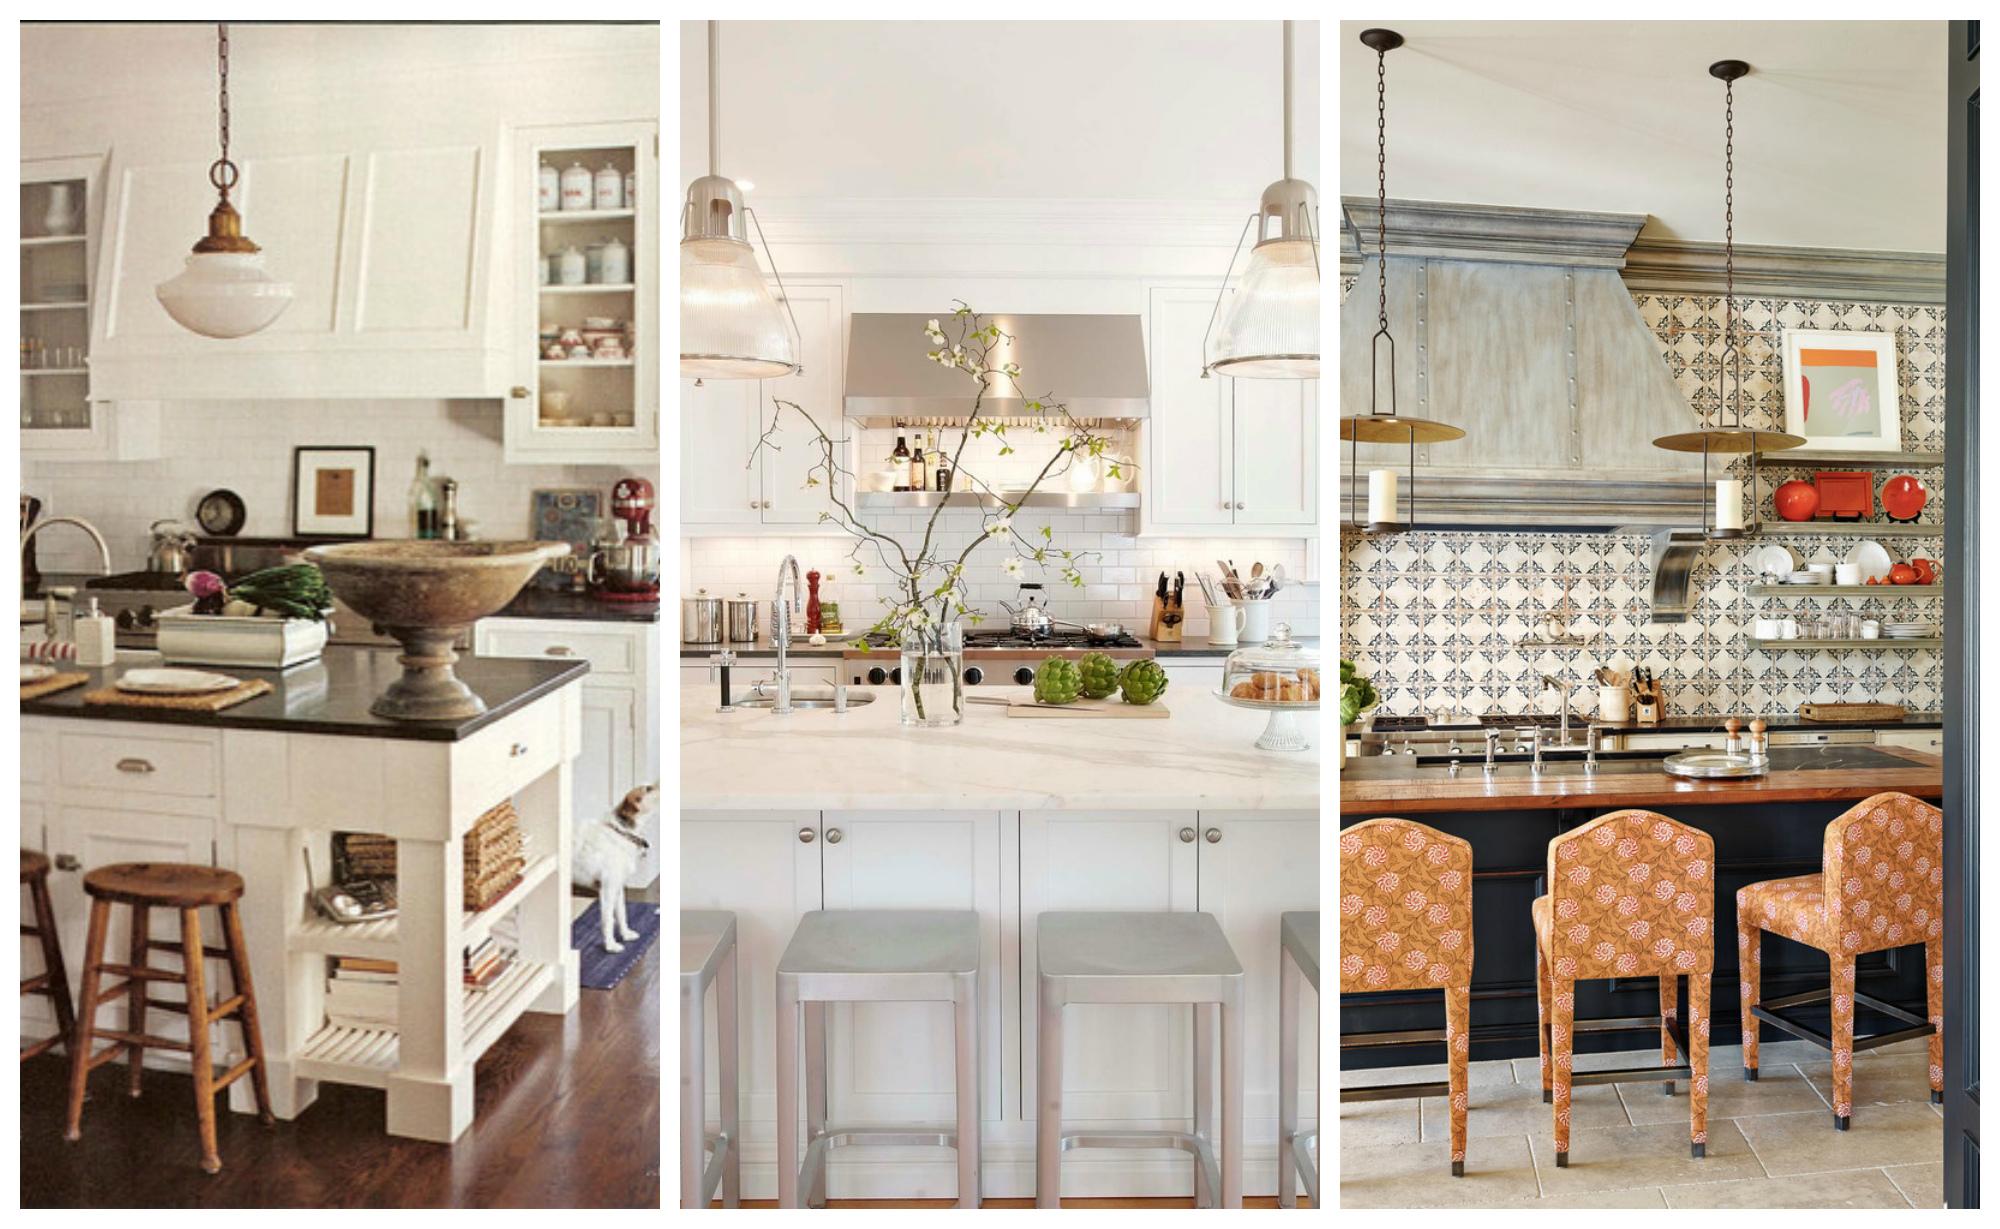 Разнообразные кухонные вытяжки в интерьерах кухонь